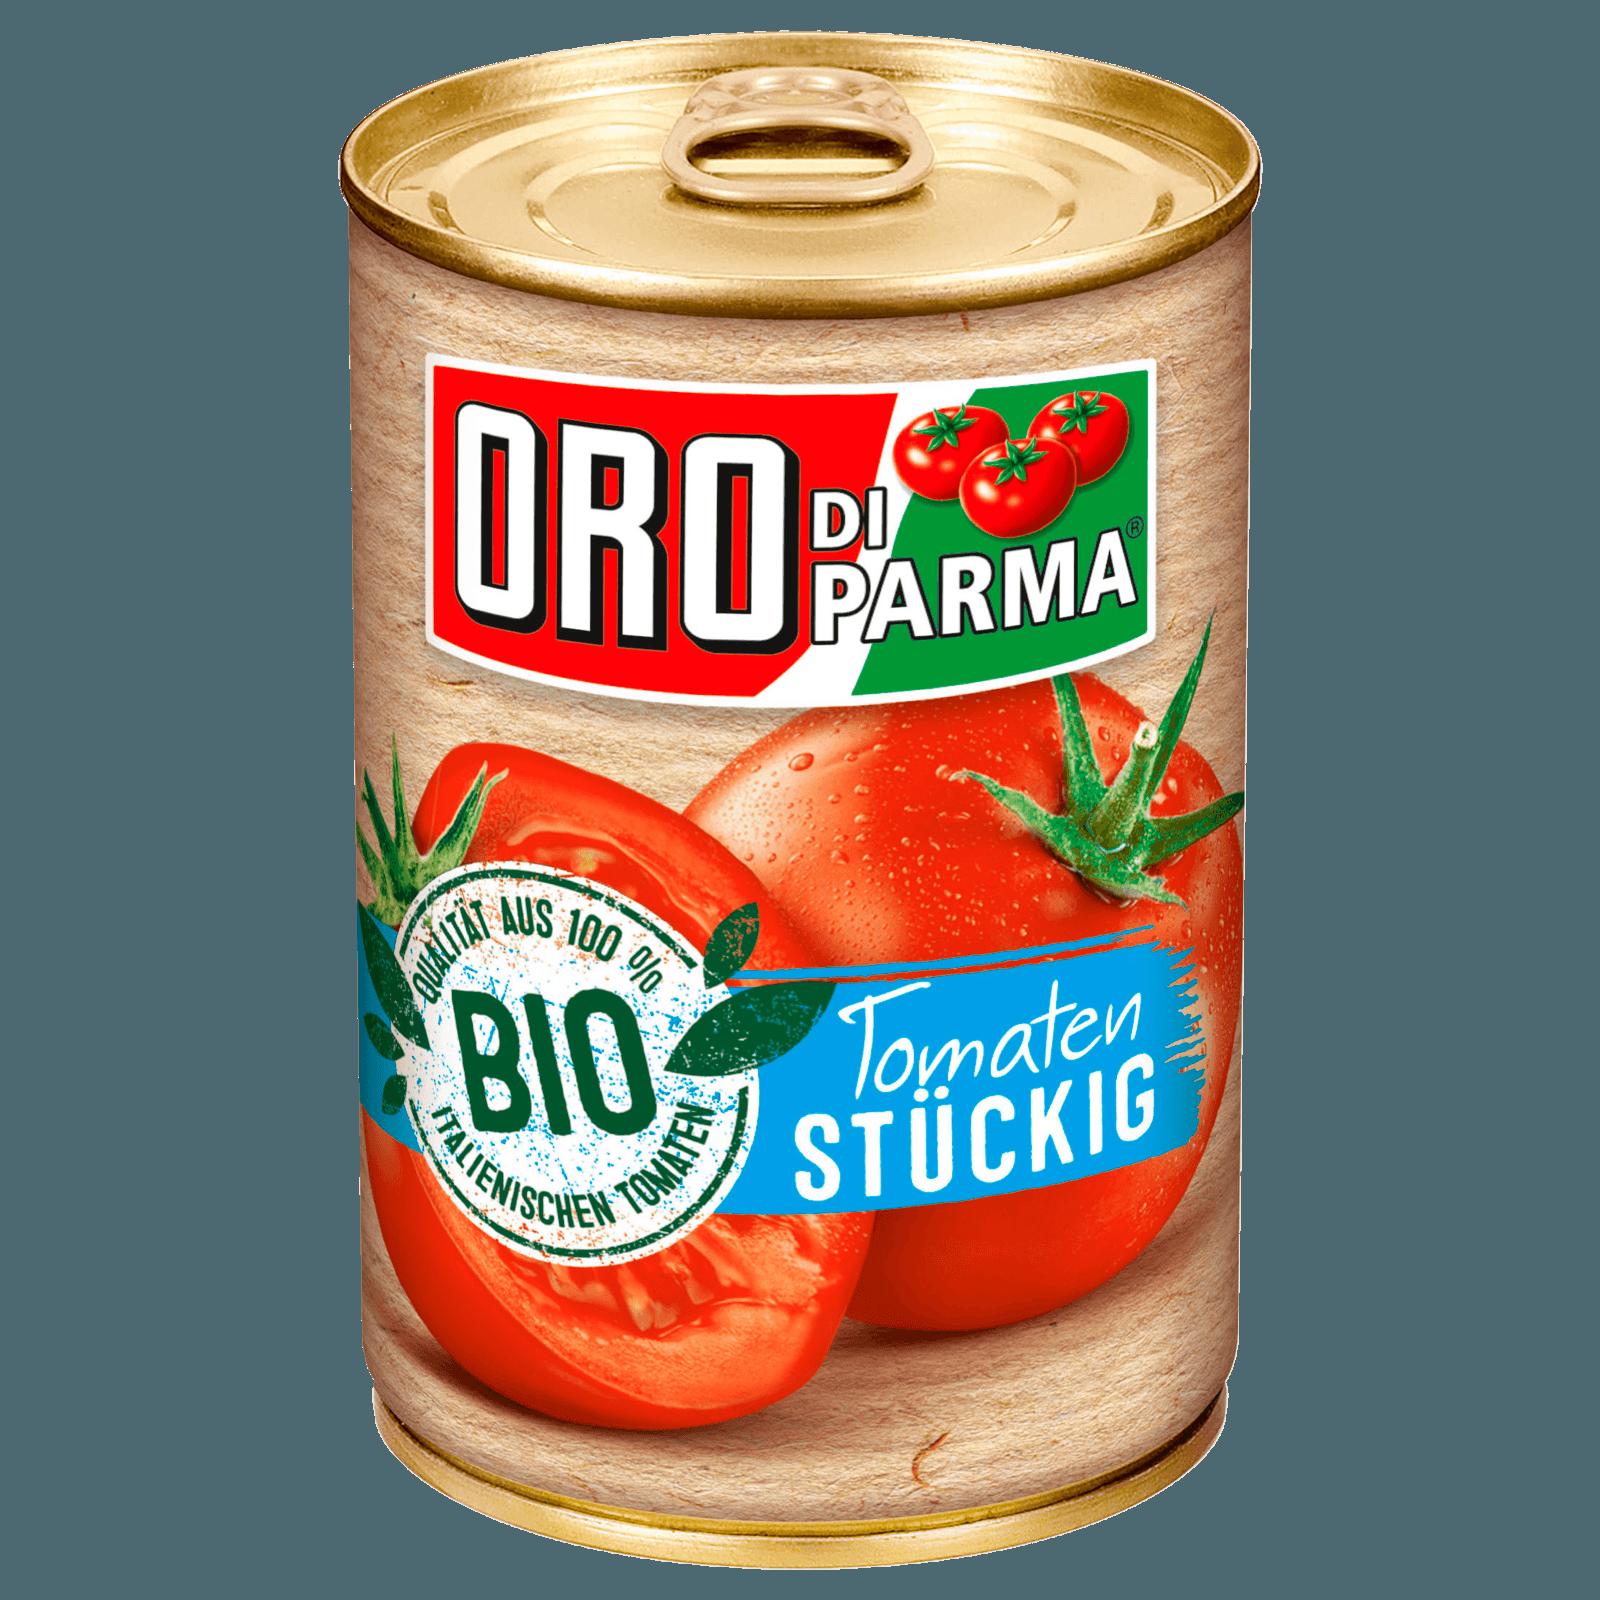 ORO di Parma BIO Stückige Tomaten, 425 ml Dose